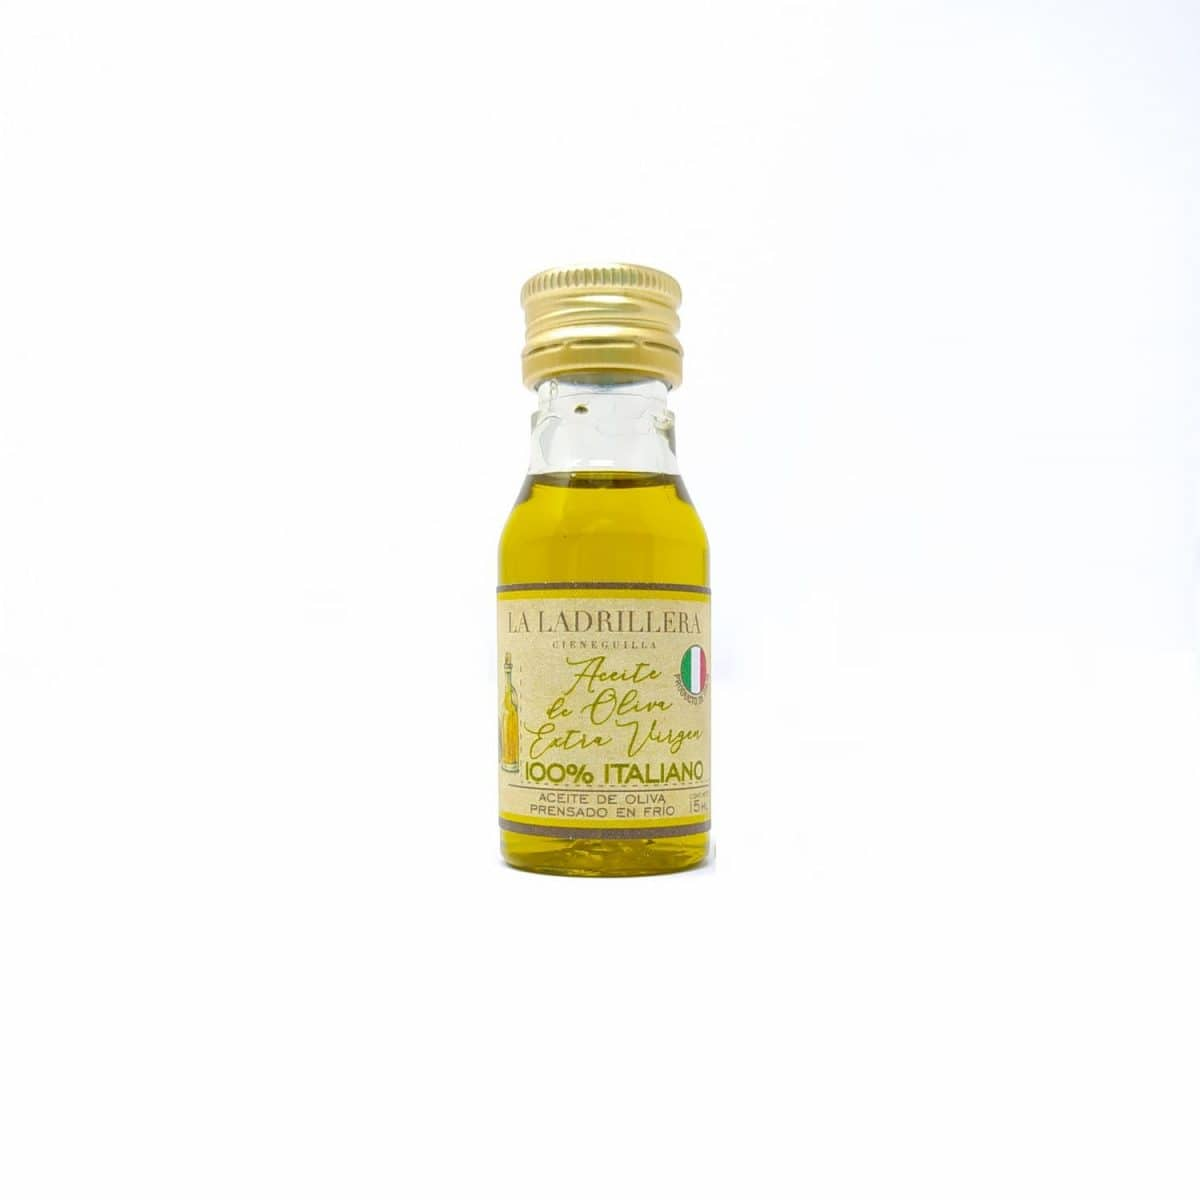 Aceite de oliva extra virgen italiano, 15 ml15 ml